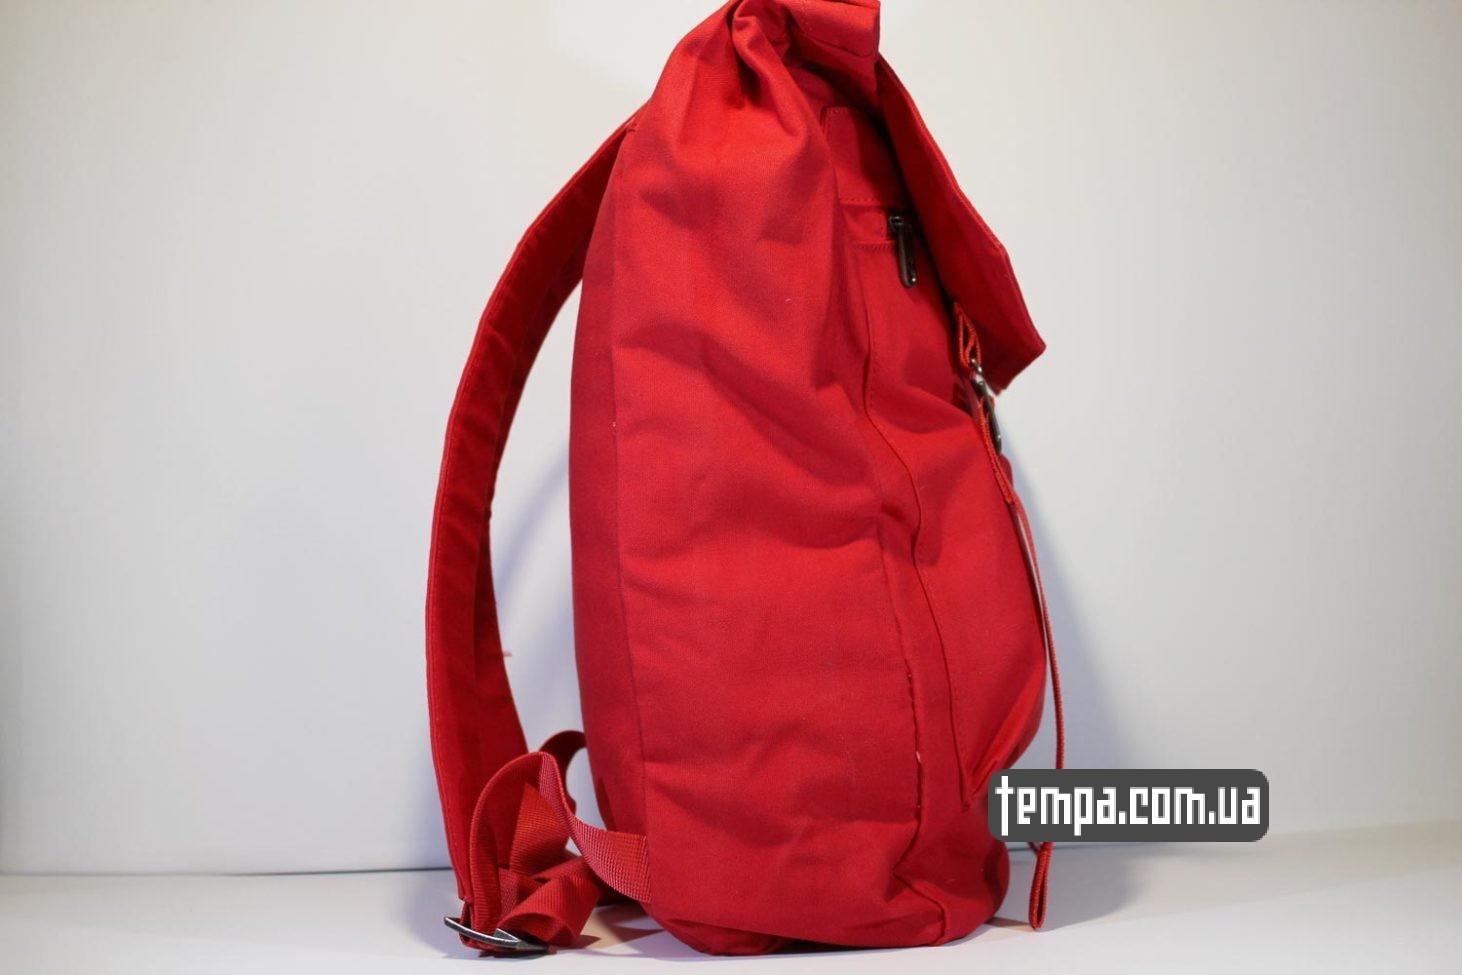 унисекс рюкзаки купить рюкзак сумка Fjällräven Foldsack No.1 Ox красная